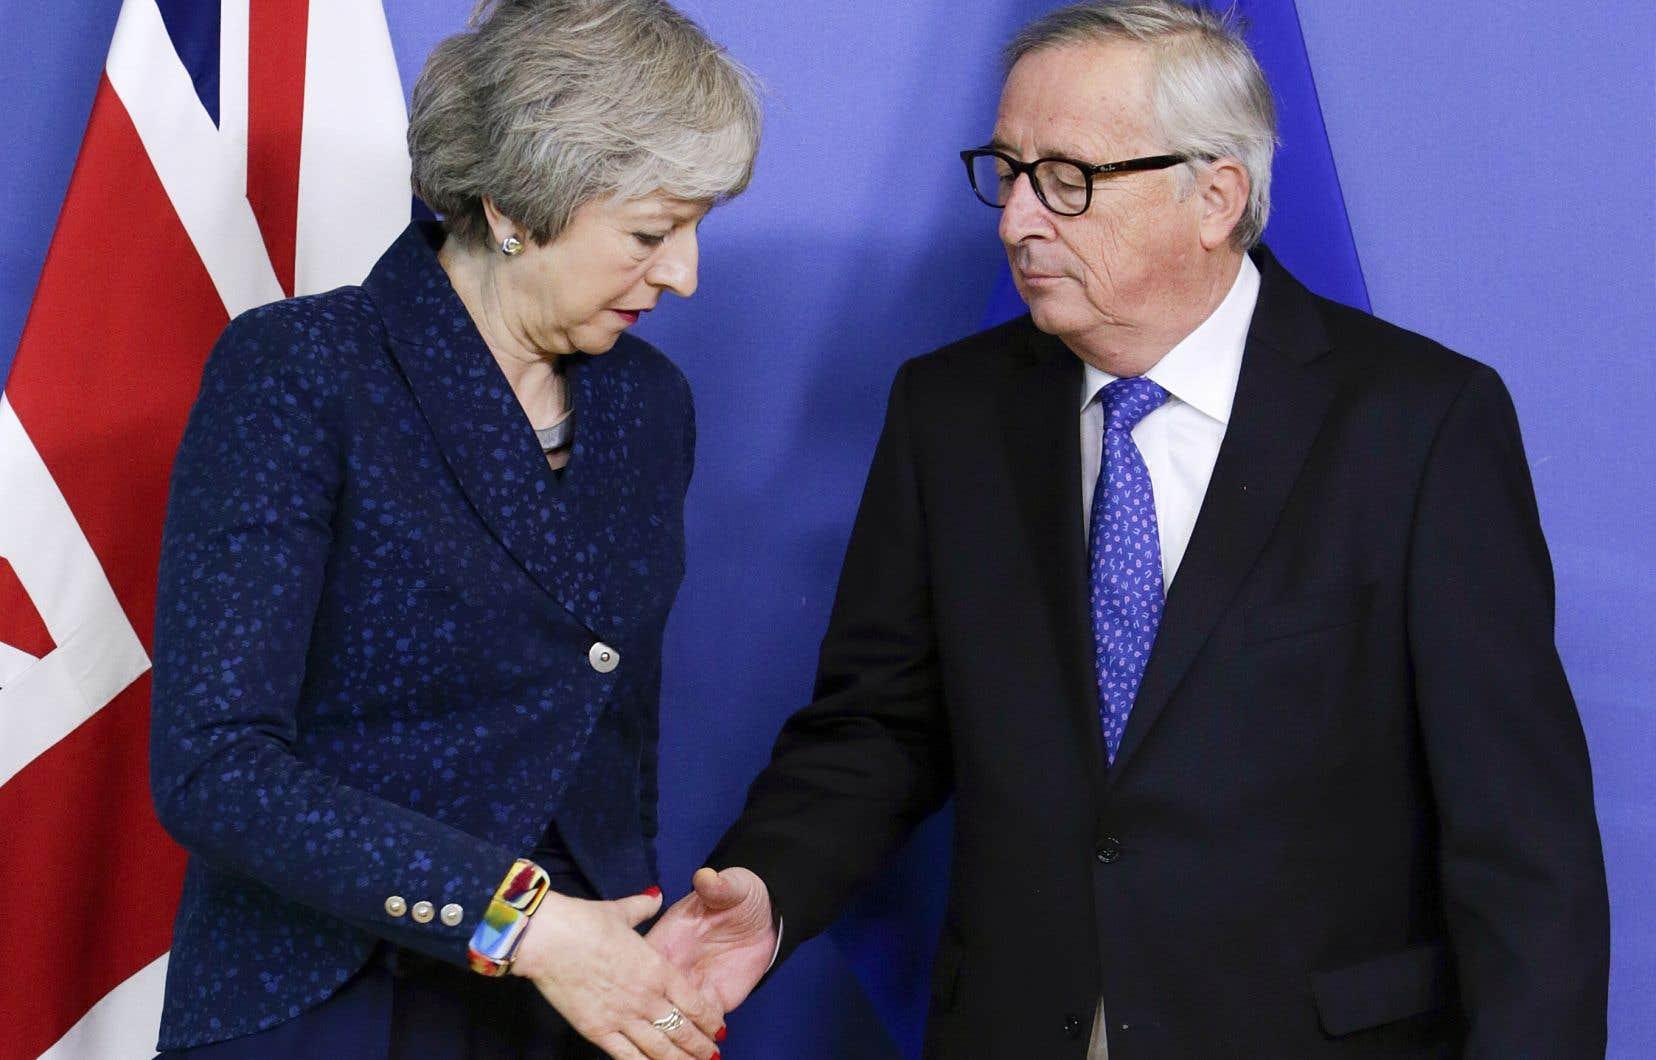 La première ministre britannique, Theresa May, et le président de la Commission européenne, Jean-Claude Juncker